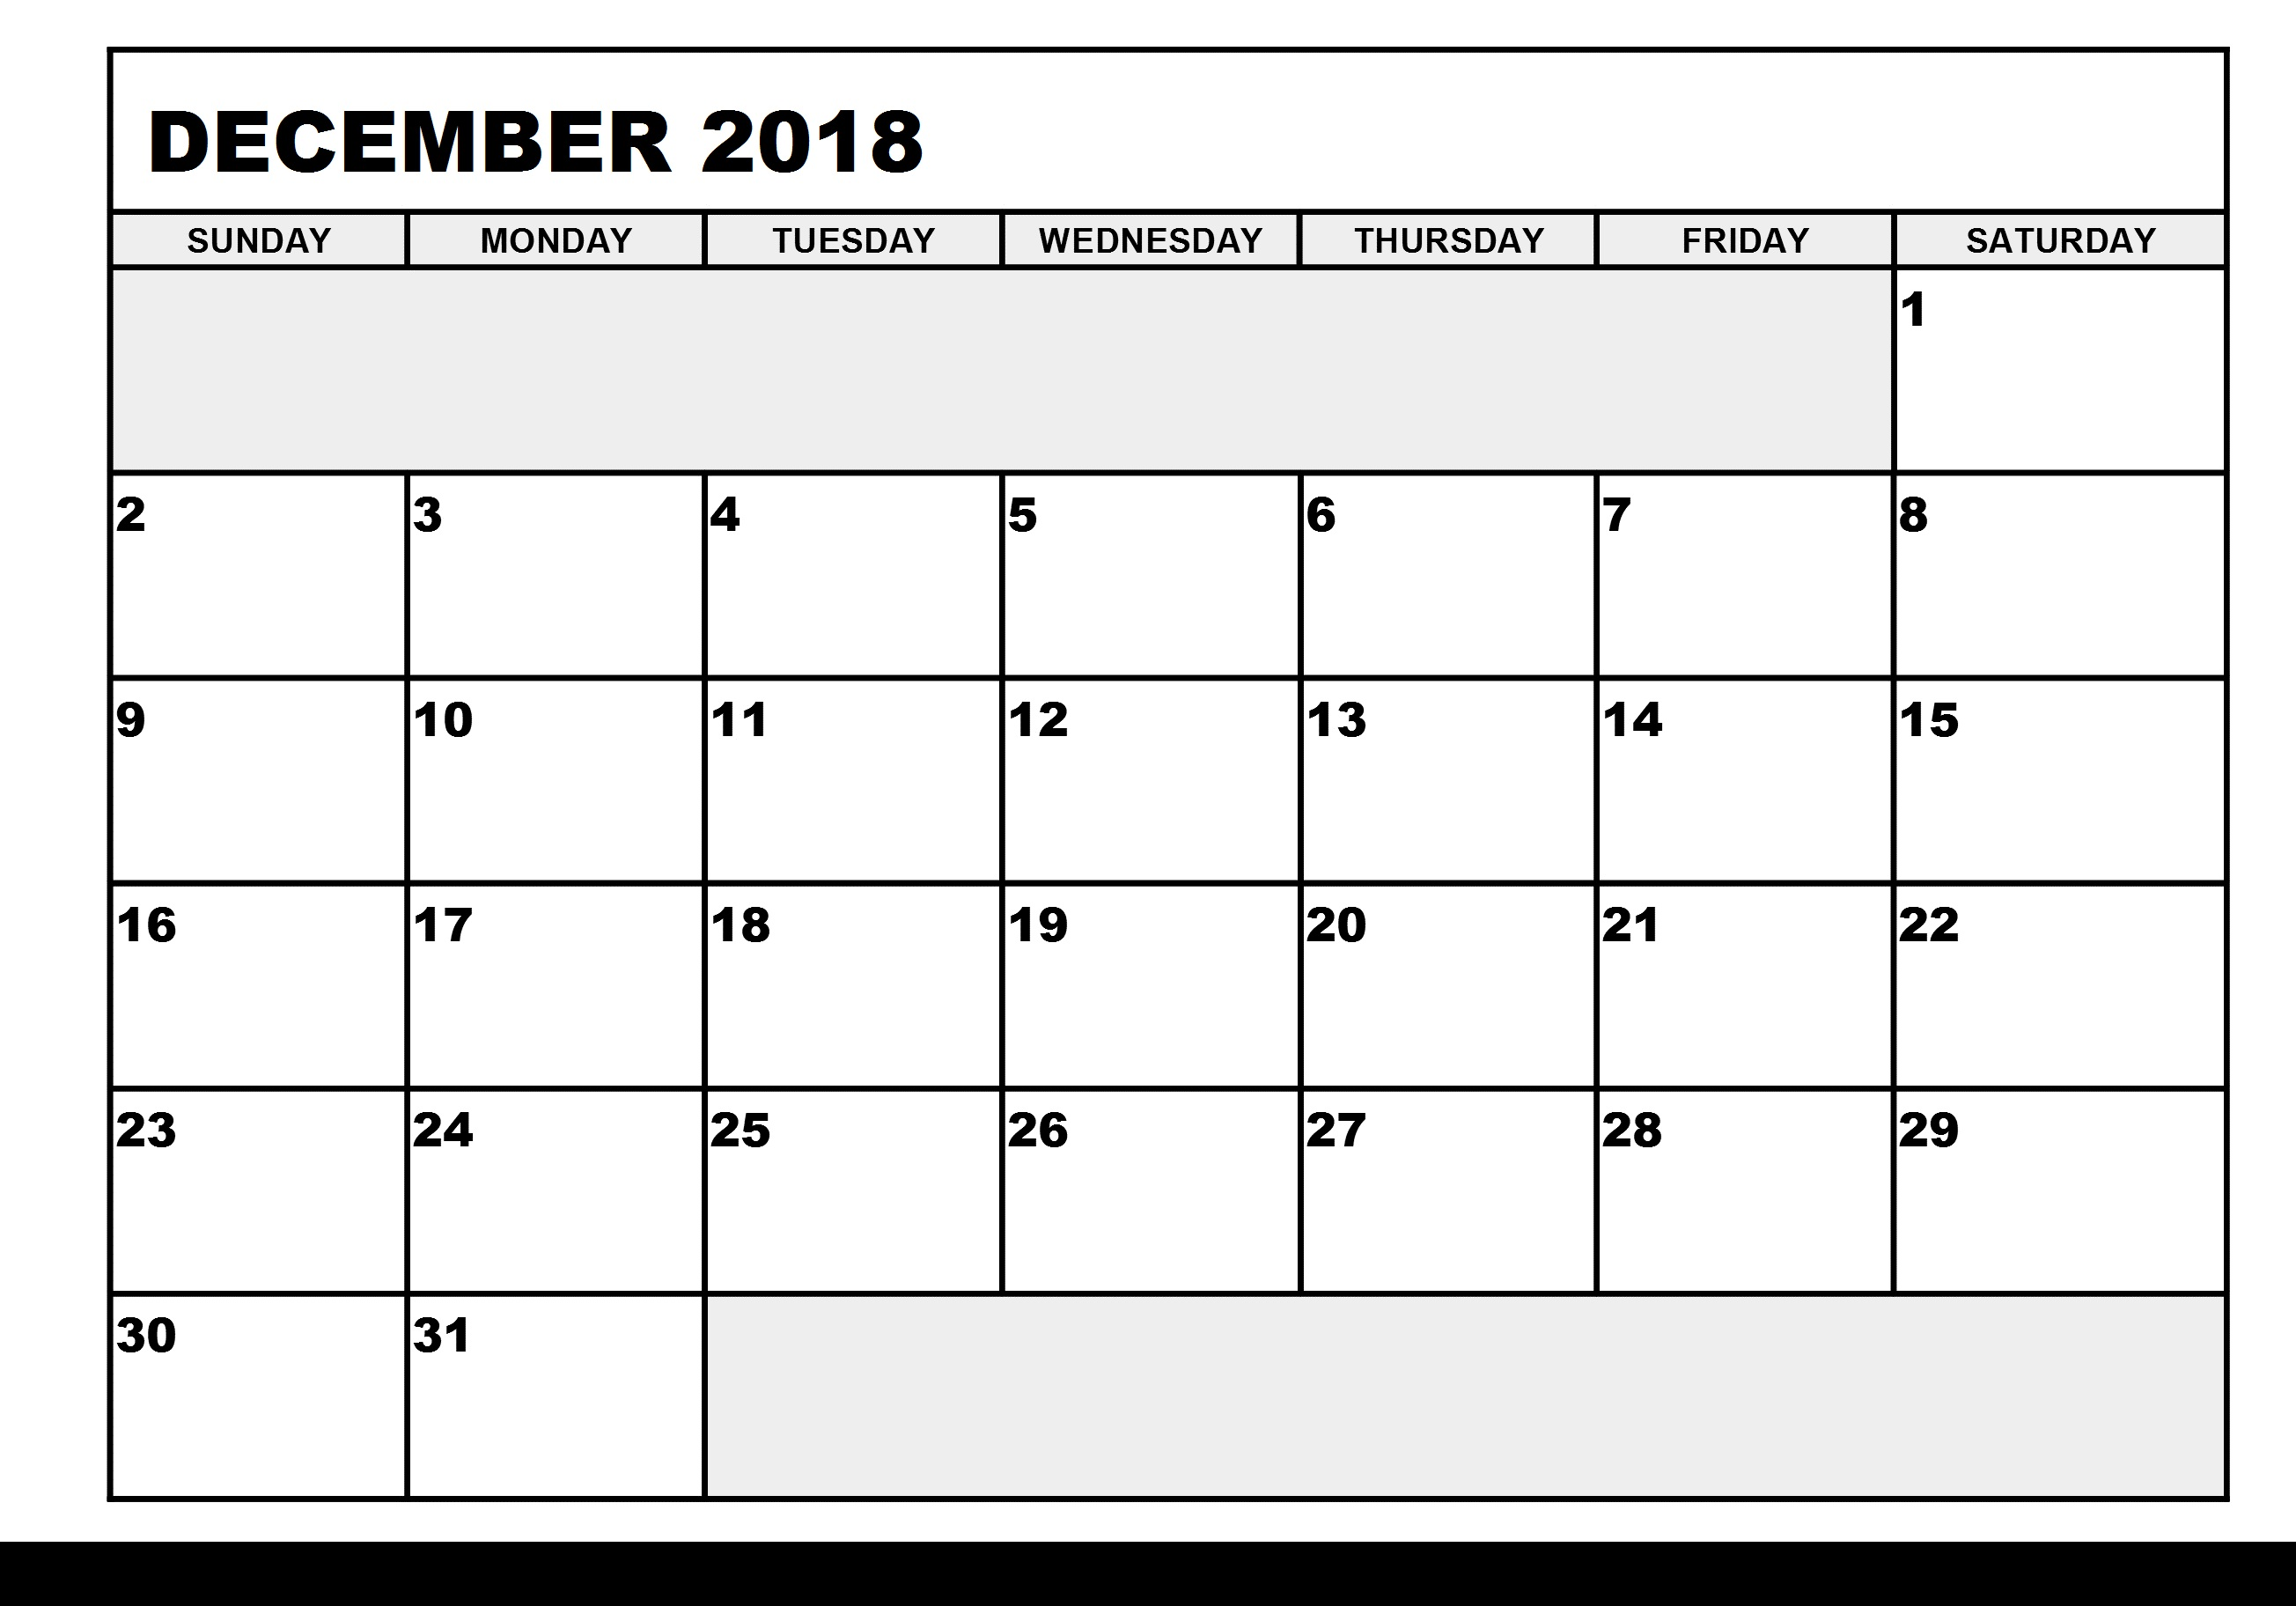 December 2018 Calendar Singapore